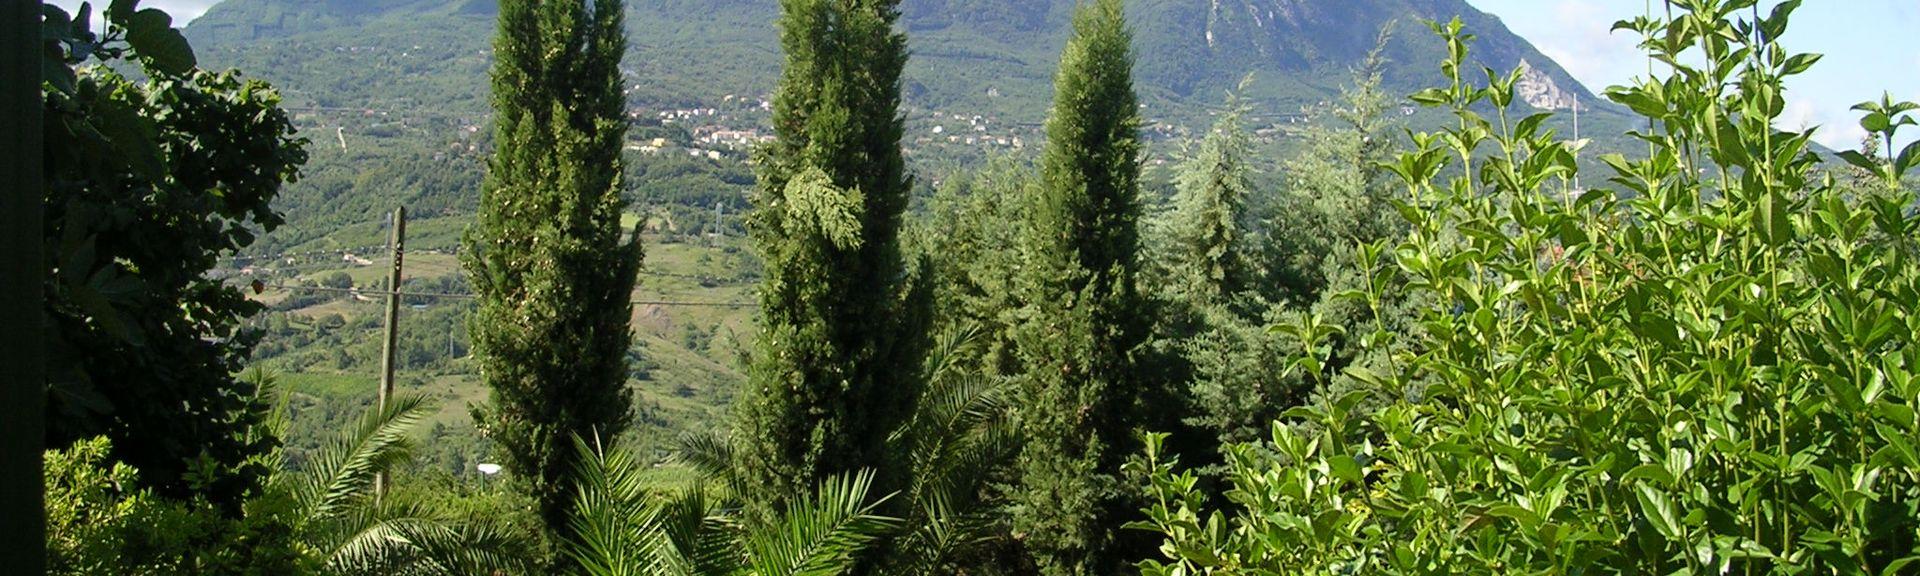 Santo Stefano del Sole, Avellino, Campania, Italy